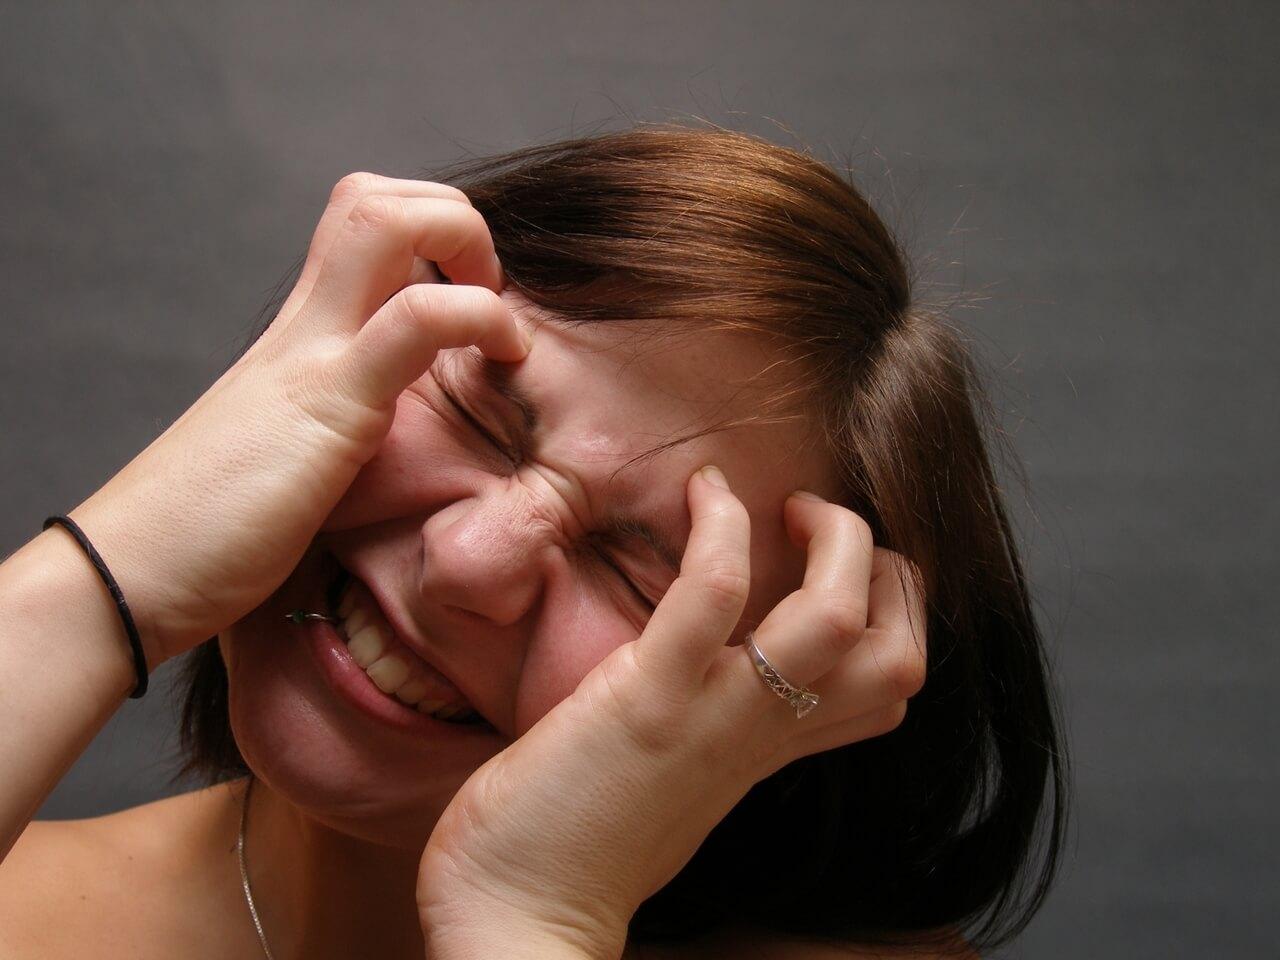 爪水虫は爪の病気の中でも特にメジャーな病気